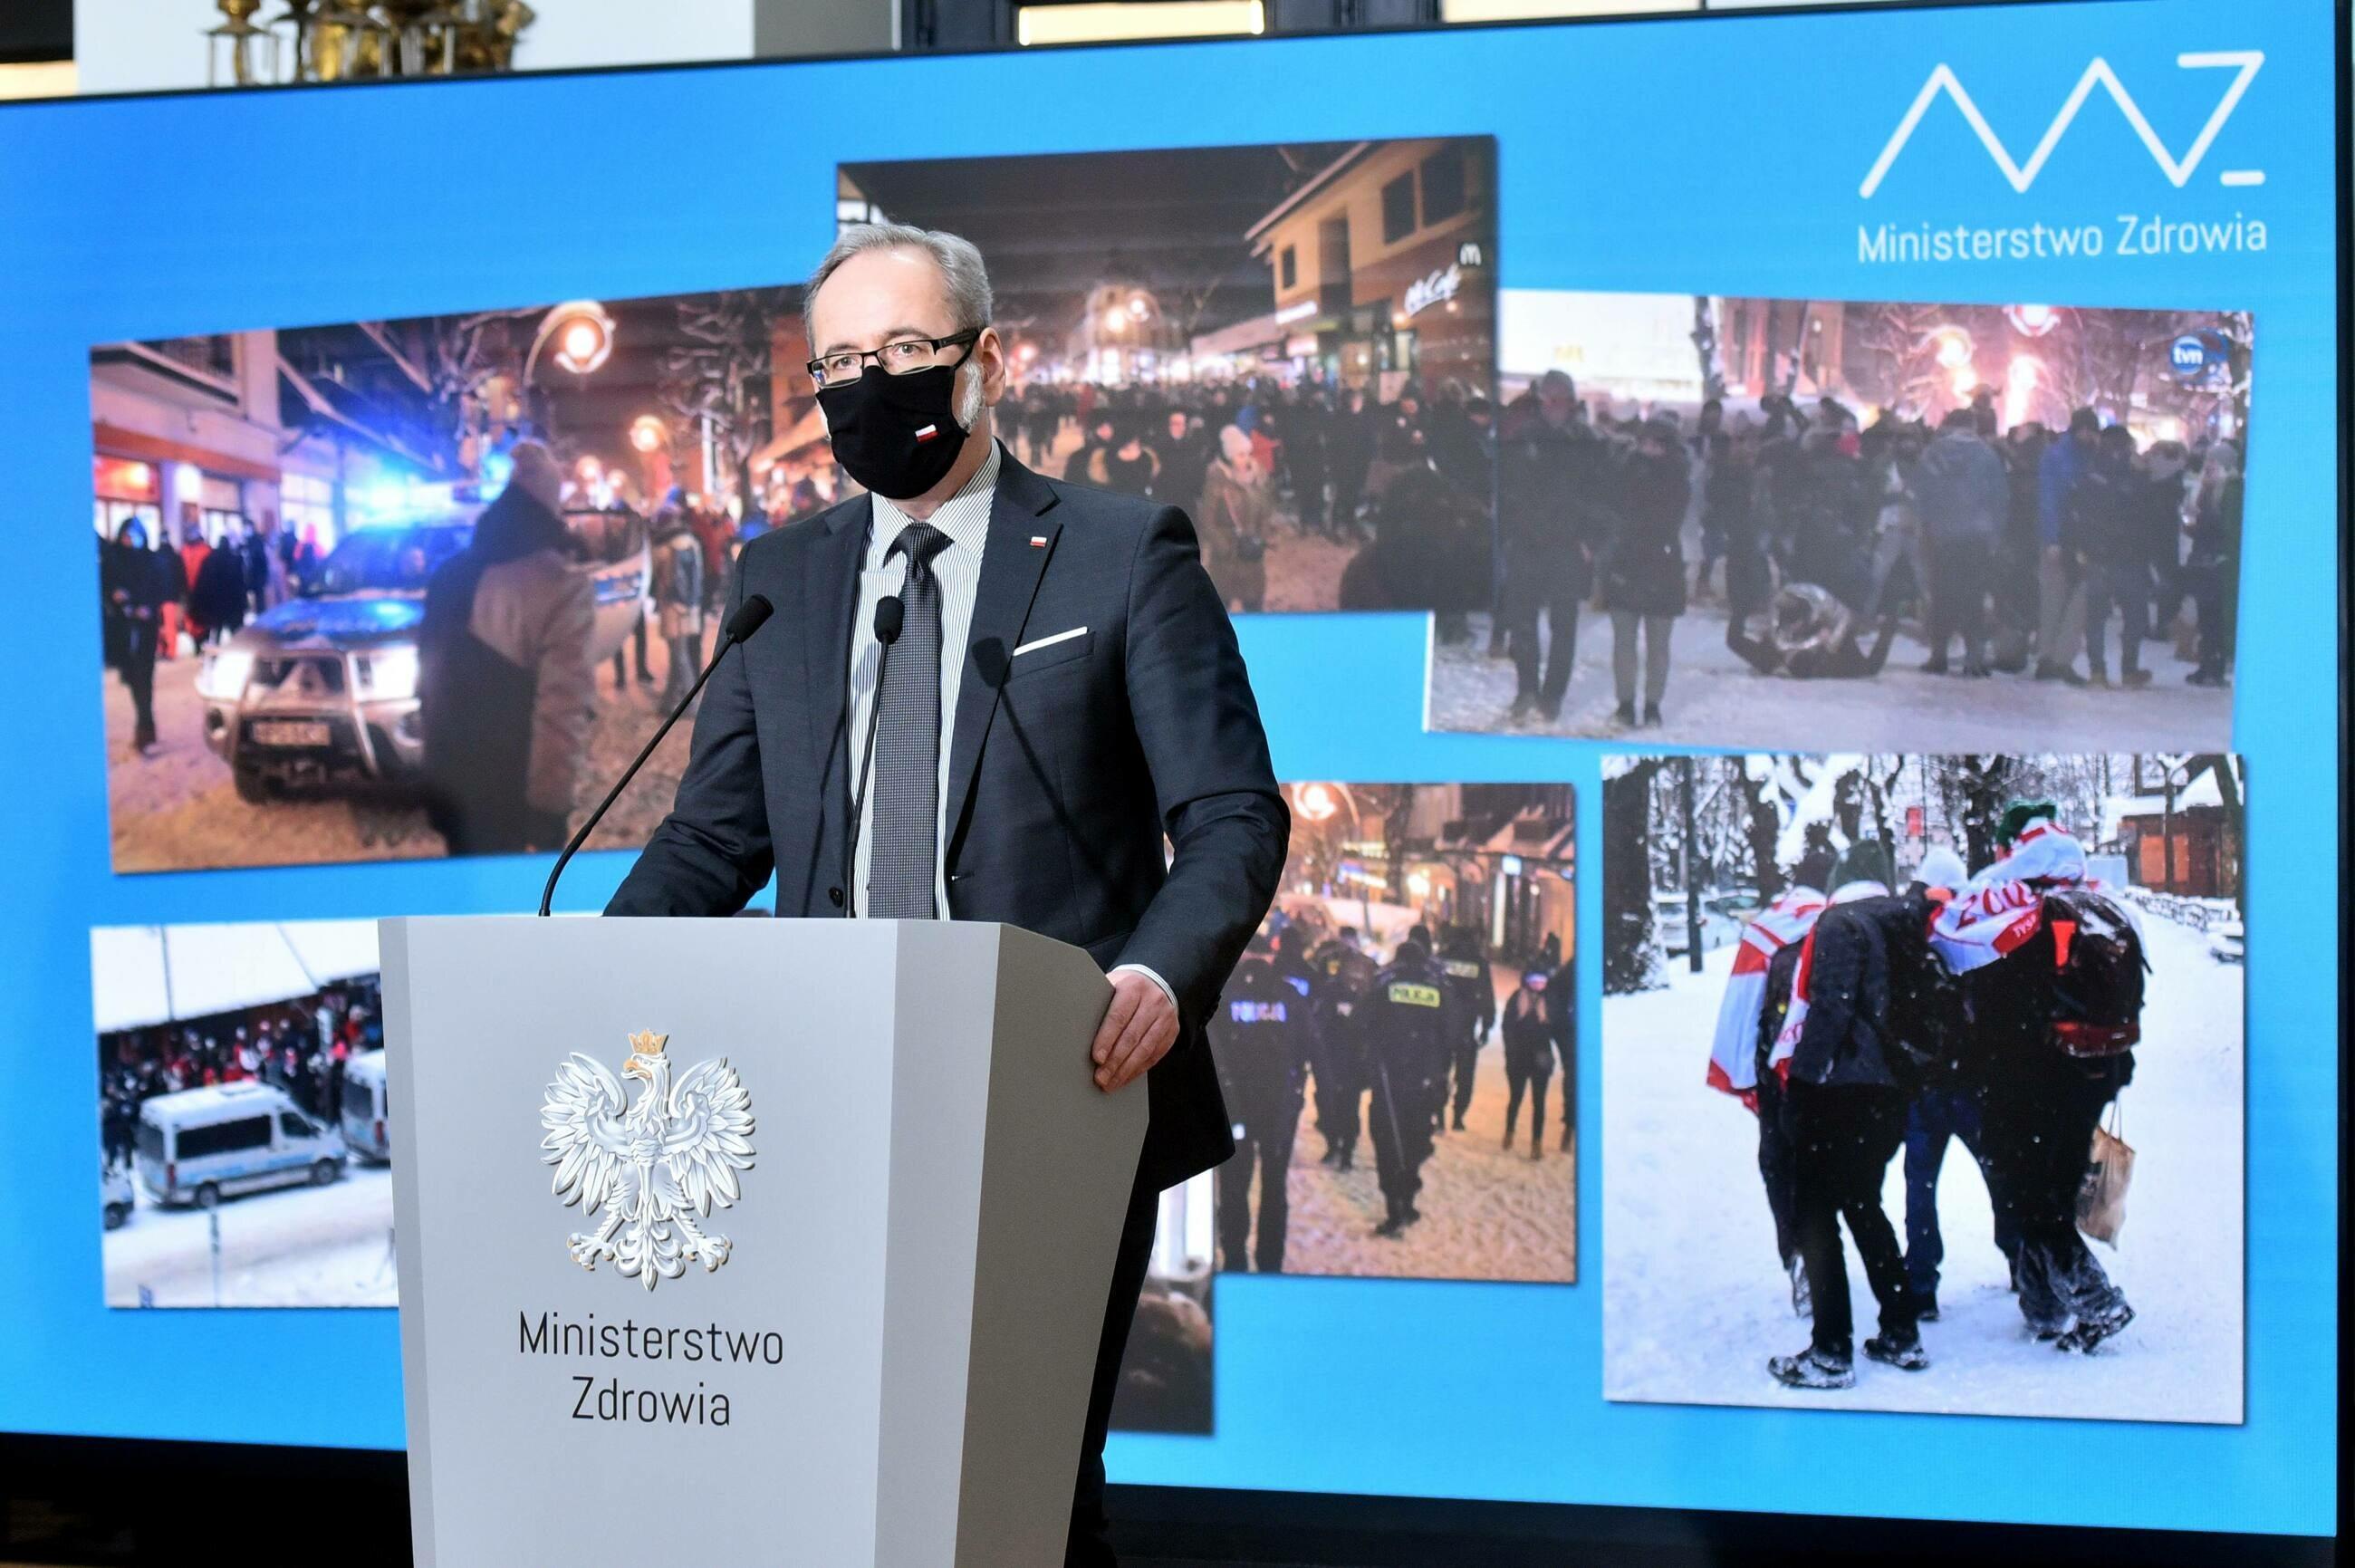 Konferencja ministra zdrowia Adama Niedzielskiego dotycząca także zajściom w Zakopanem, fot. D. Burzykowski